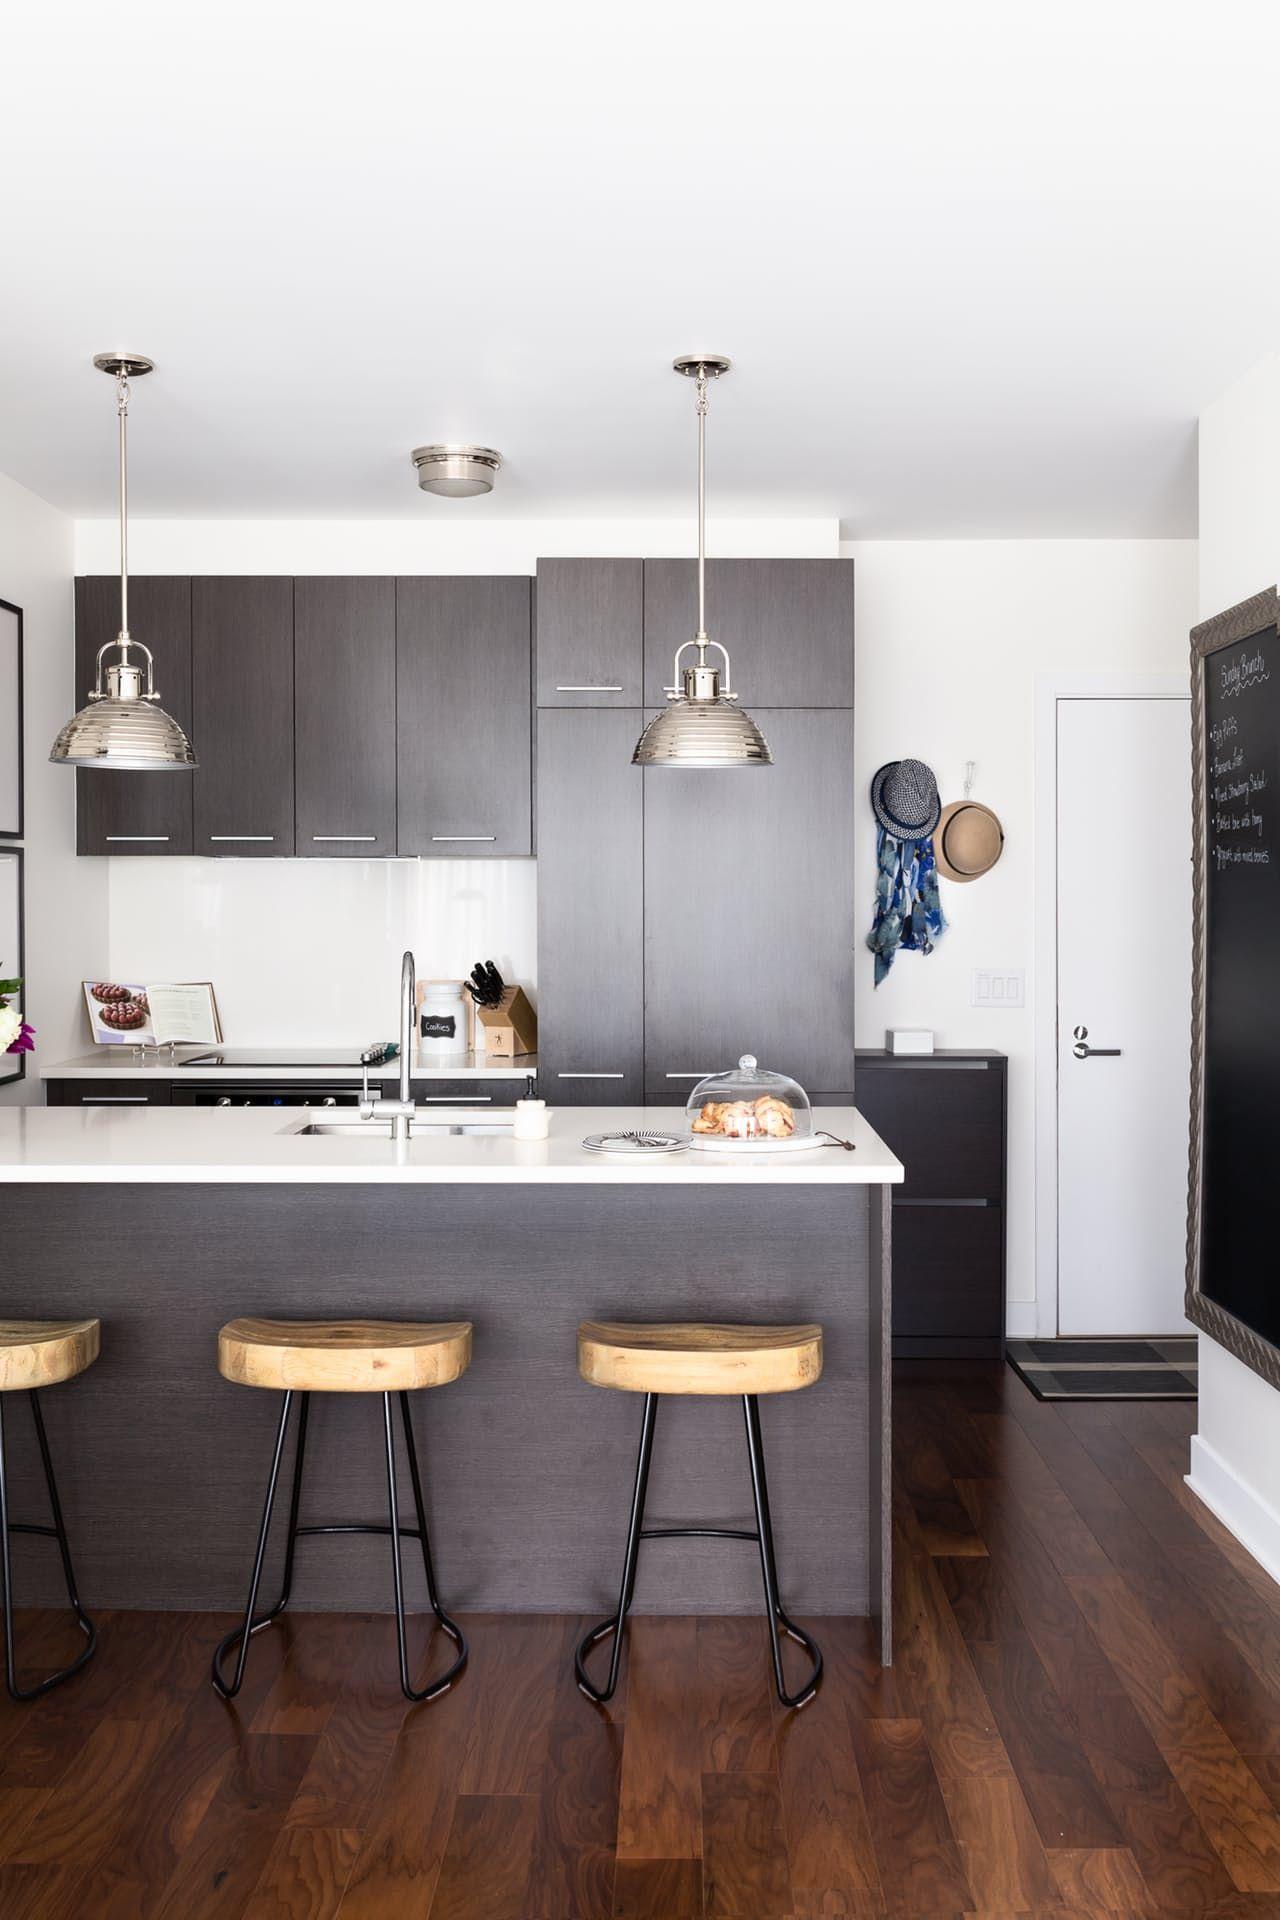 Wunderbar Houzz Küche Esszimmer Layout Galerie - Küchenschrank Ideen ...